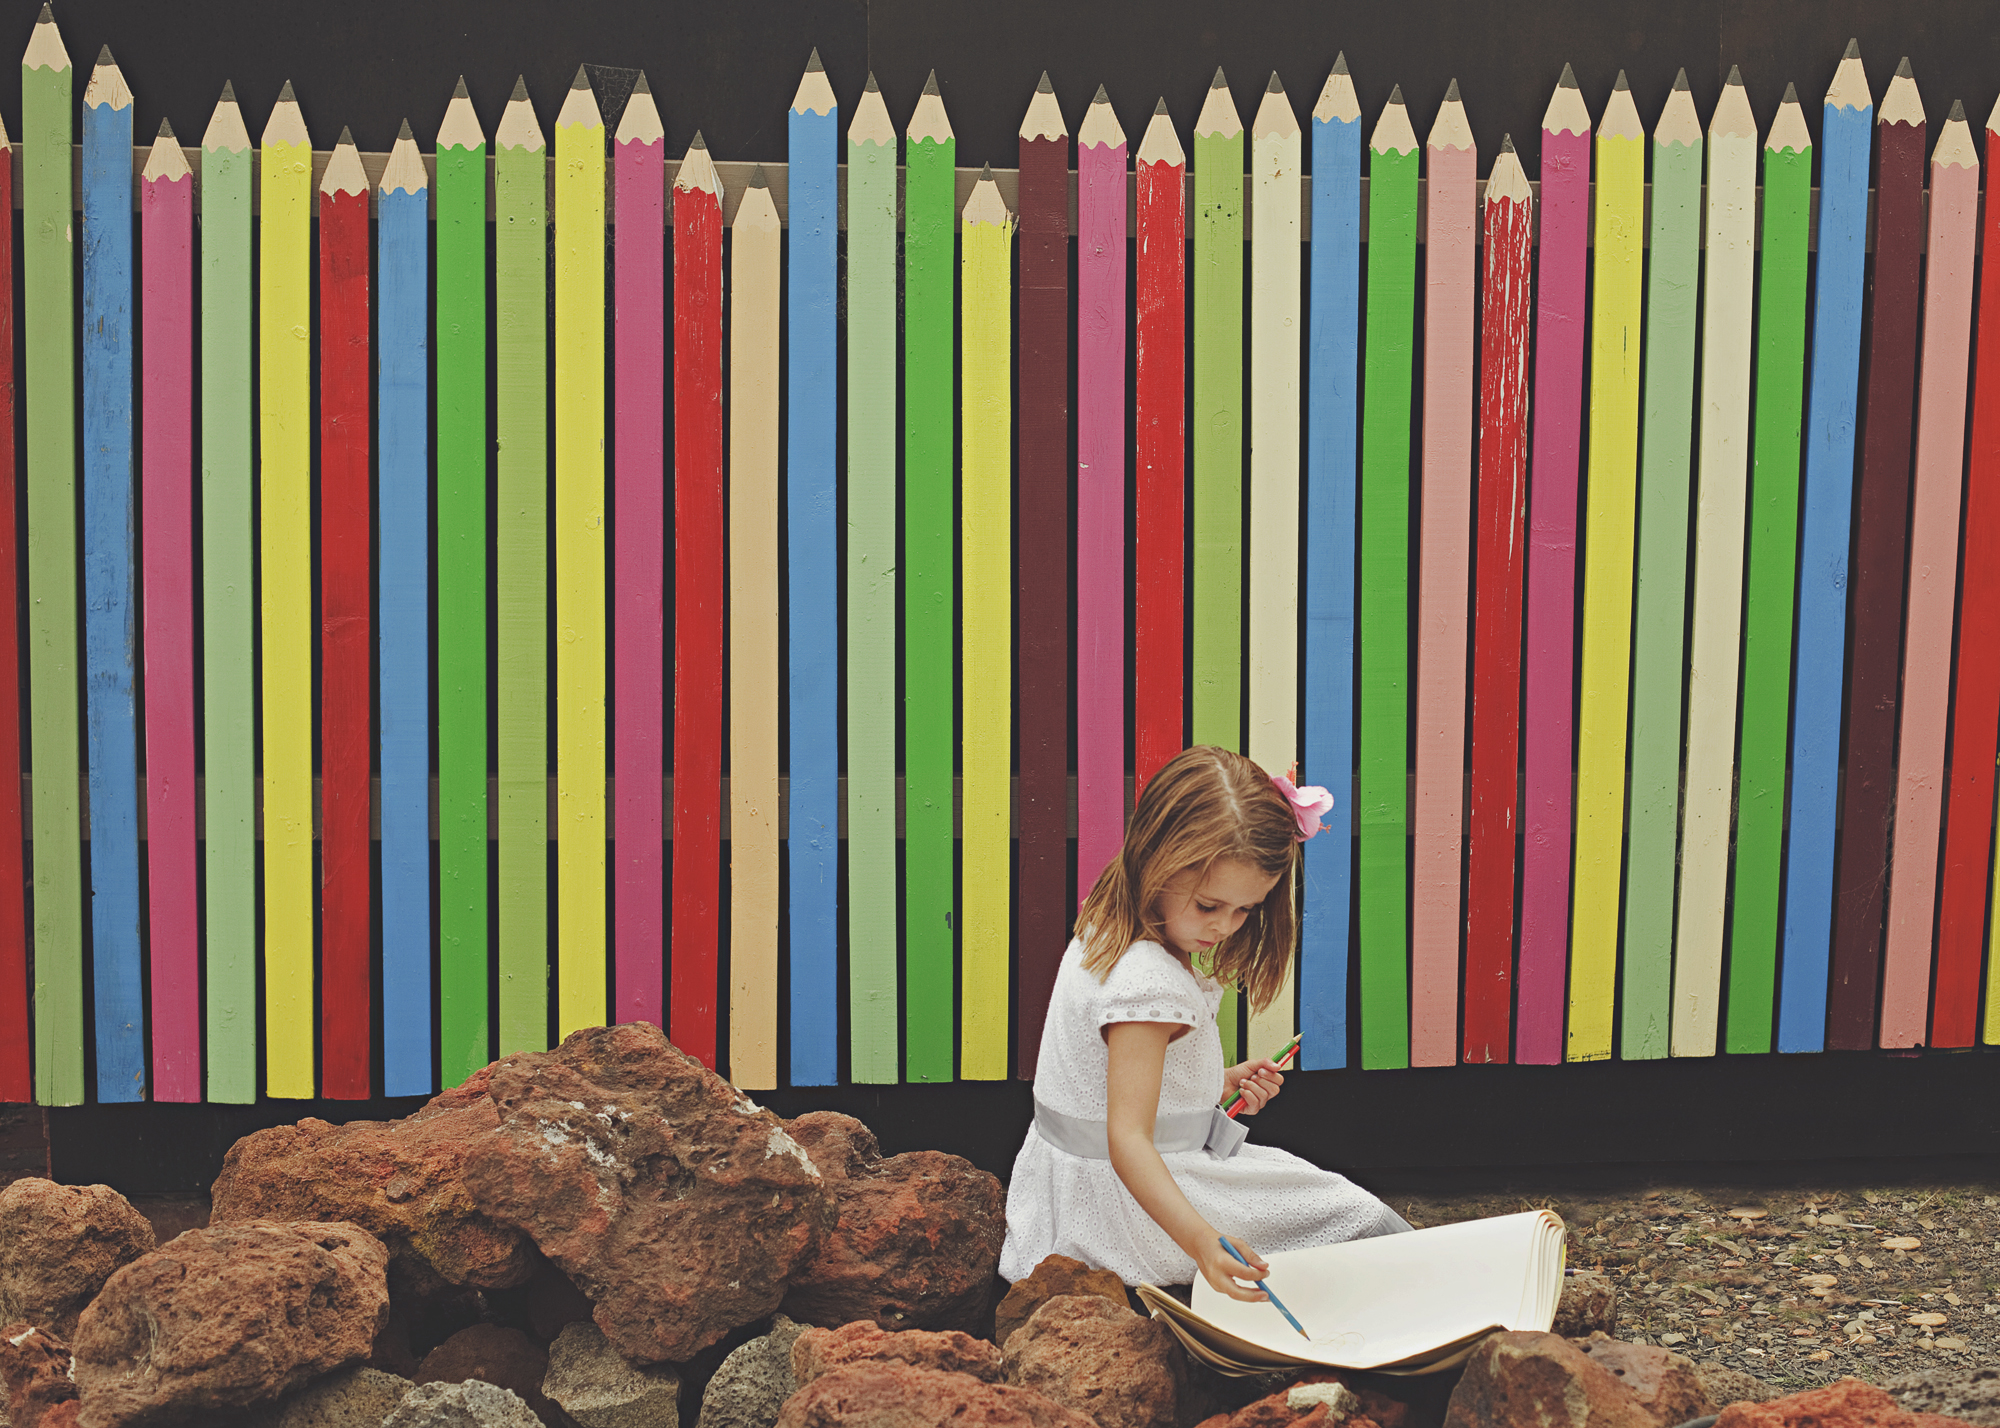 'BIG' pencils!